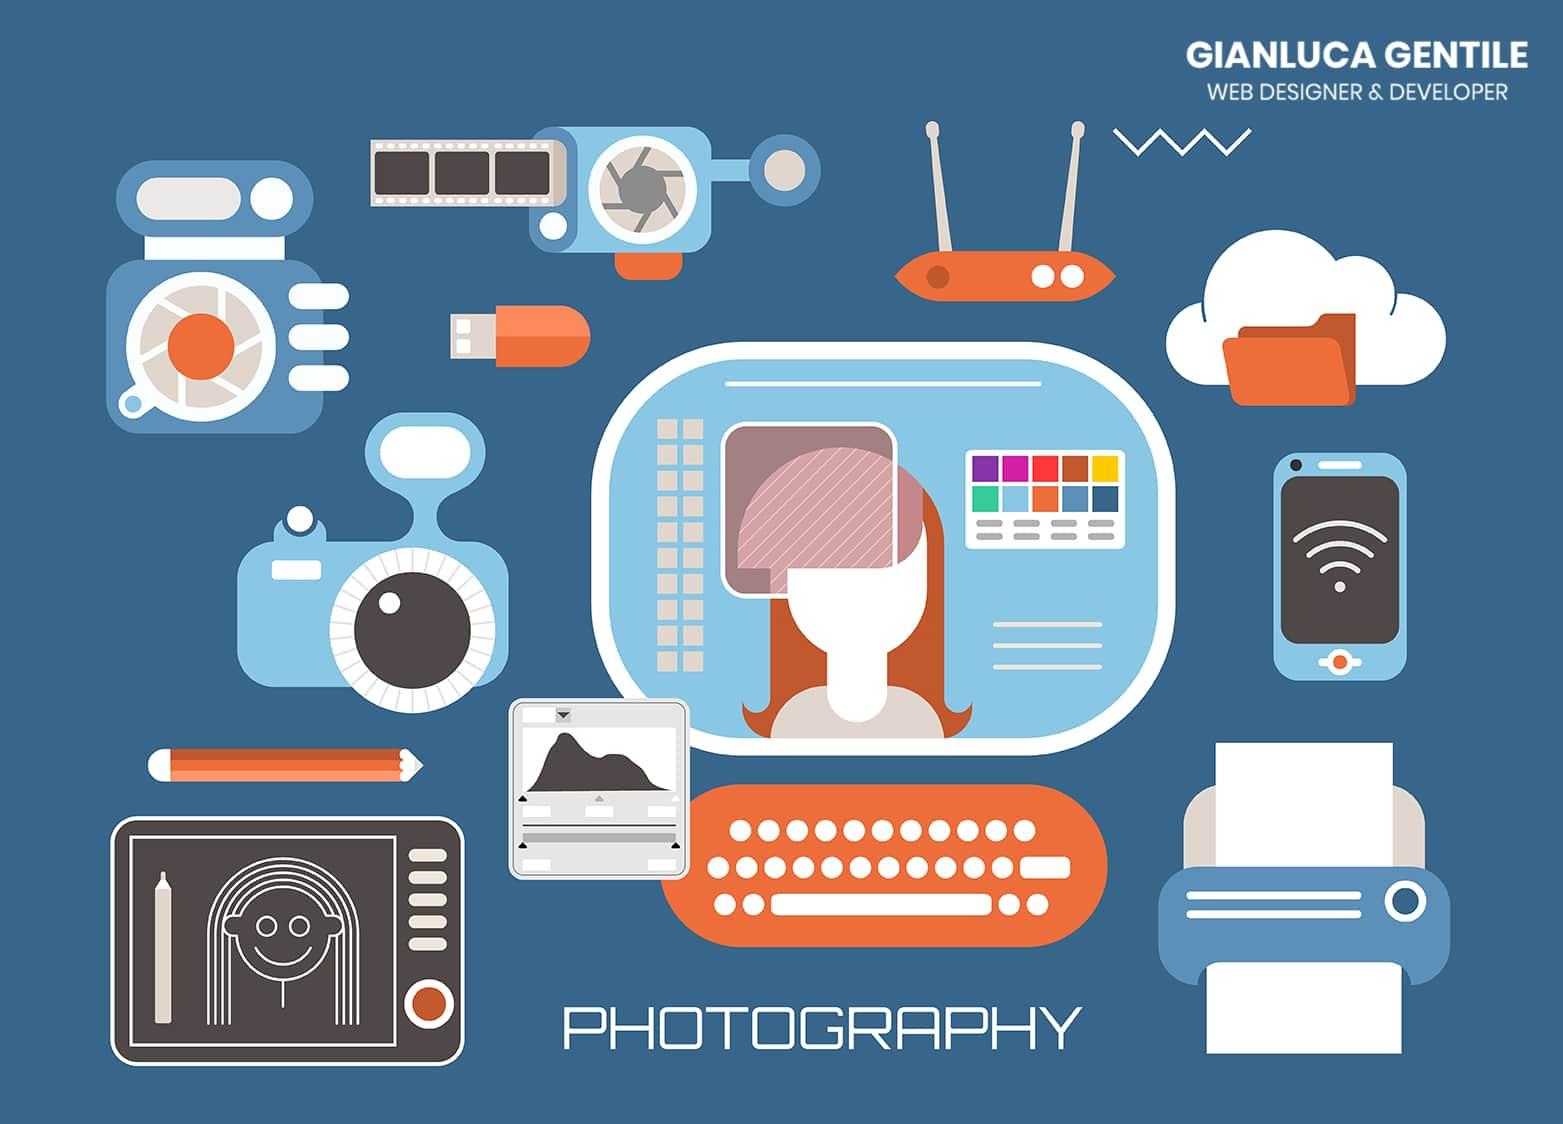 uso di immagini - L   uso di immagini ecco come comportarsi Gianluca Gentile - L'uso di immagini nei tuoi articoli